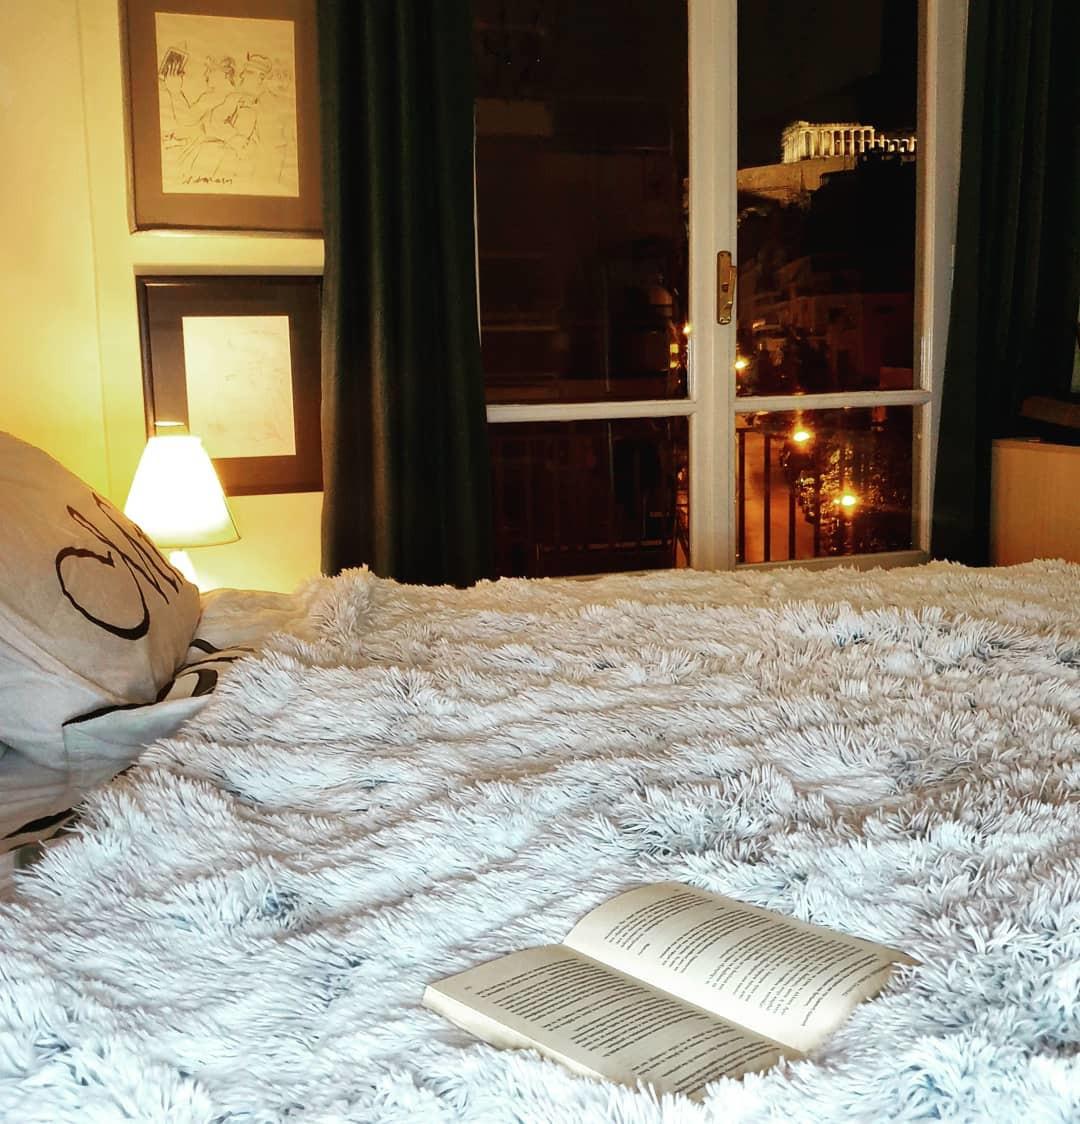 Το υπέροχο σπίτι των Τζώρτζογλου- Μαριόλα: Θα ξετρελαθείς με την κρεβατοκάμαρά τους! (εικόνες)